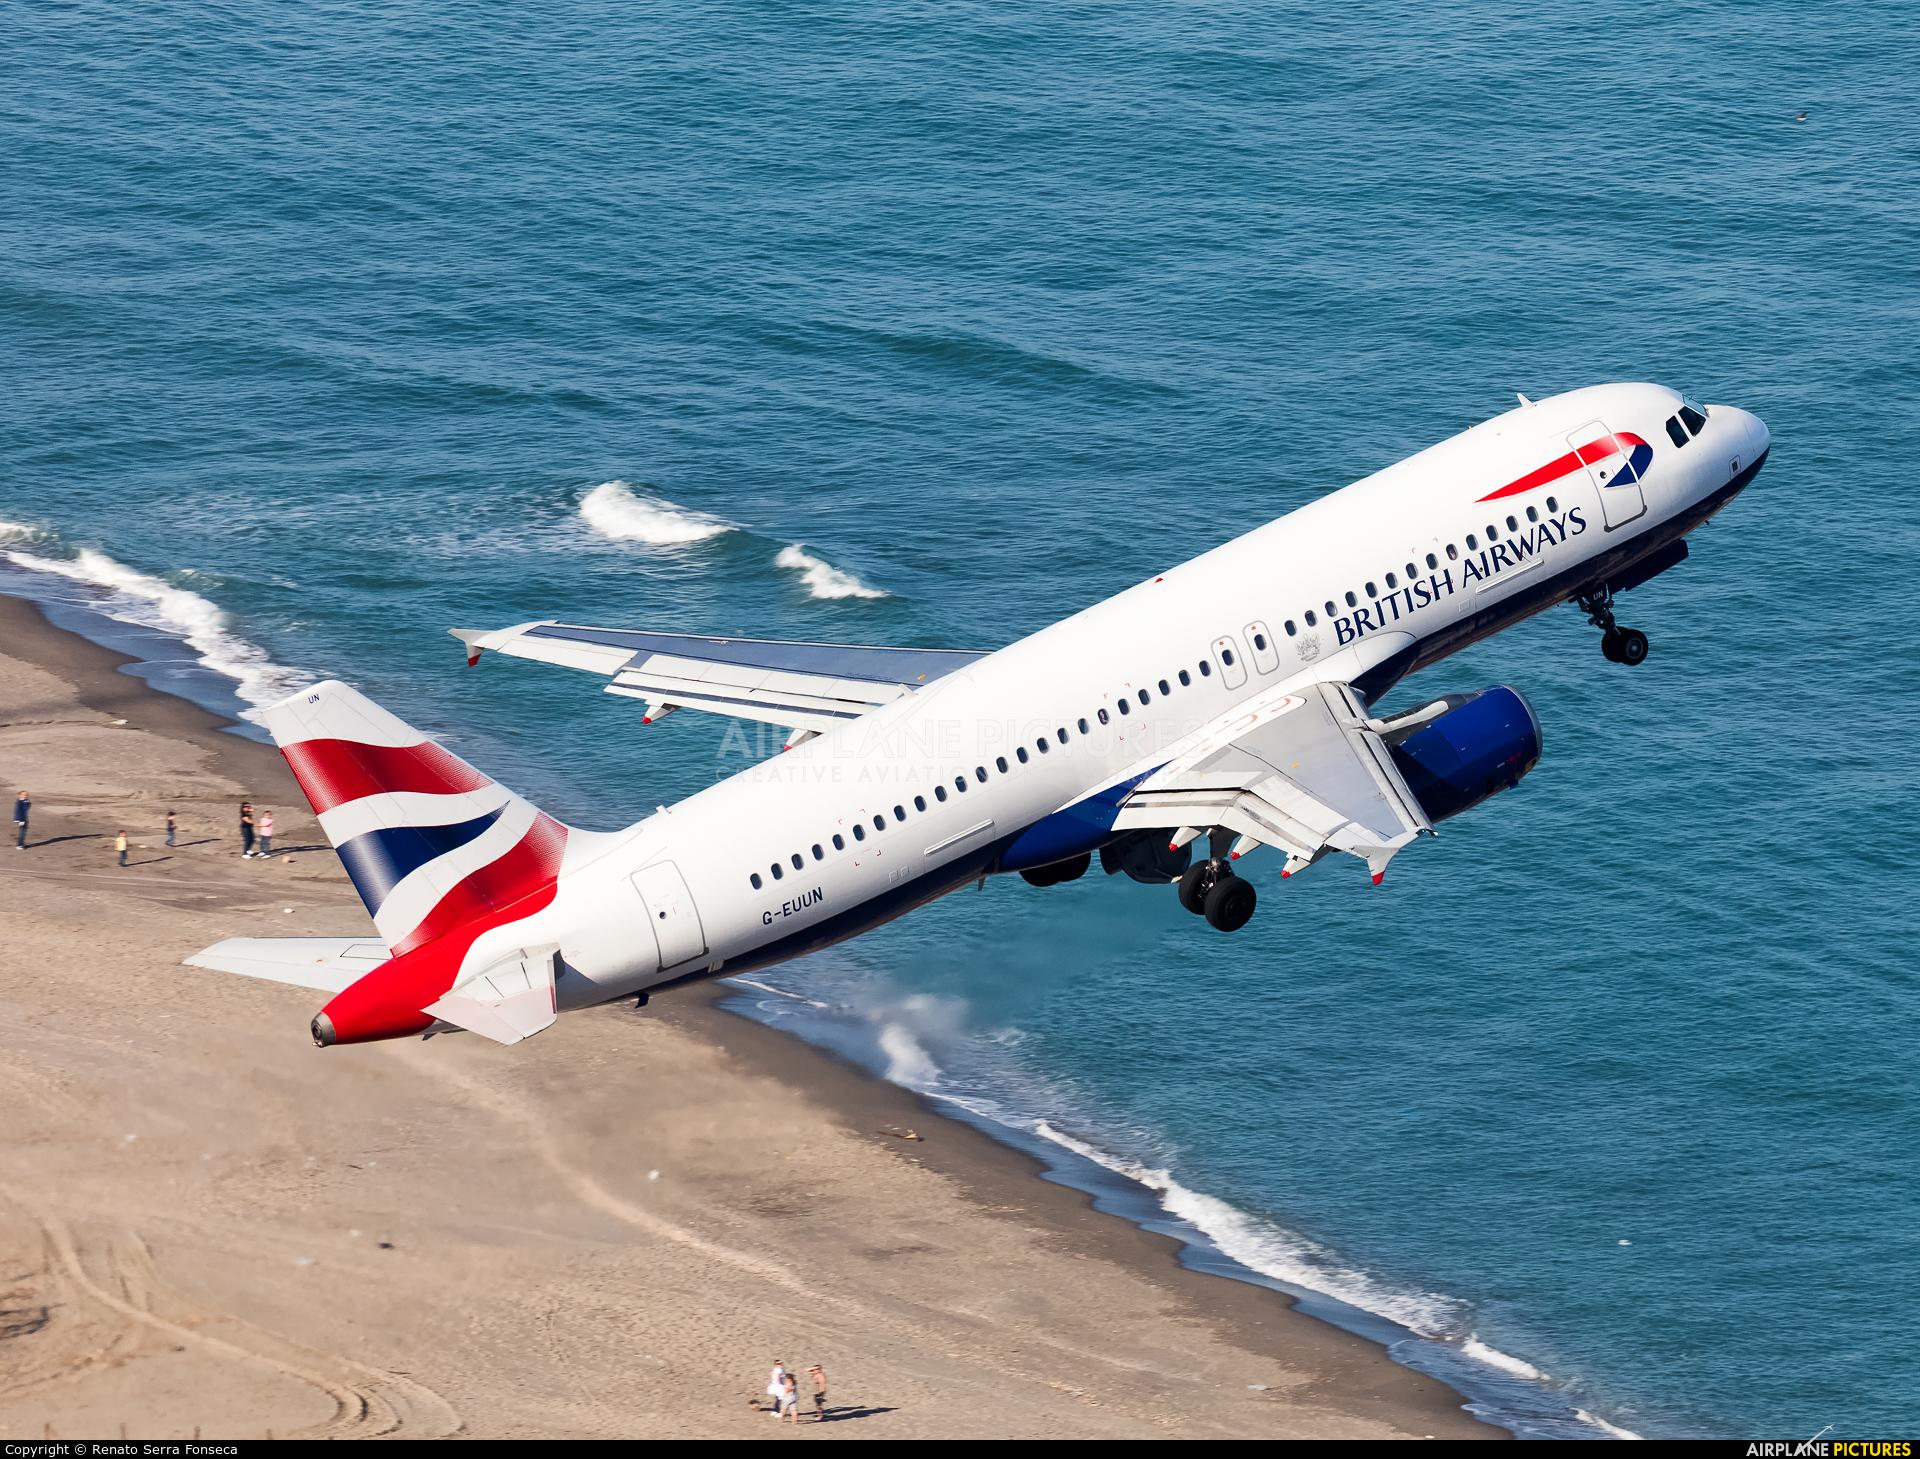 British Airways G-EUUN aircraft at Gibraltar